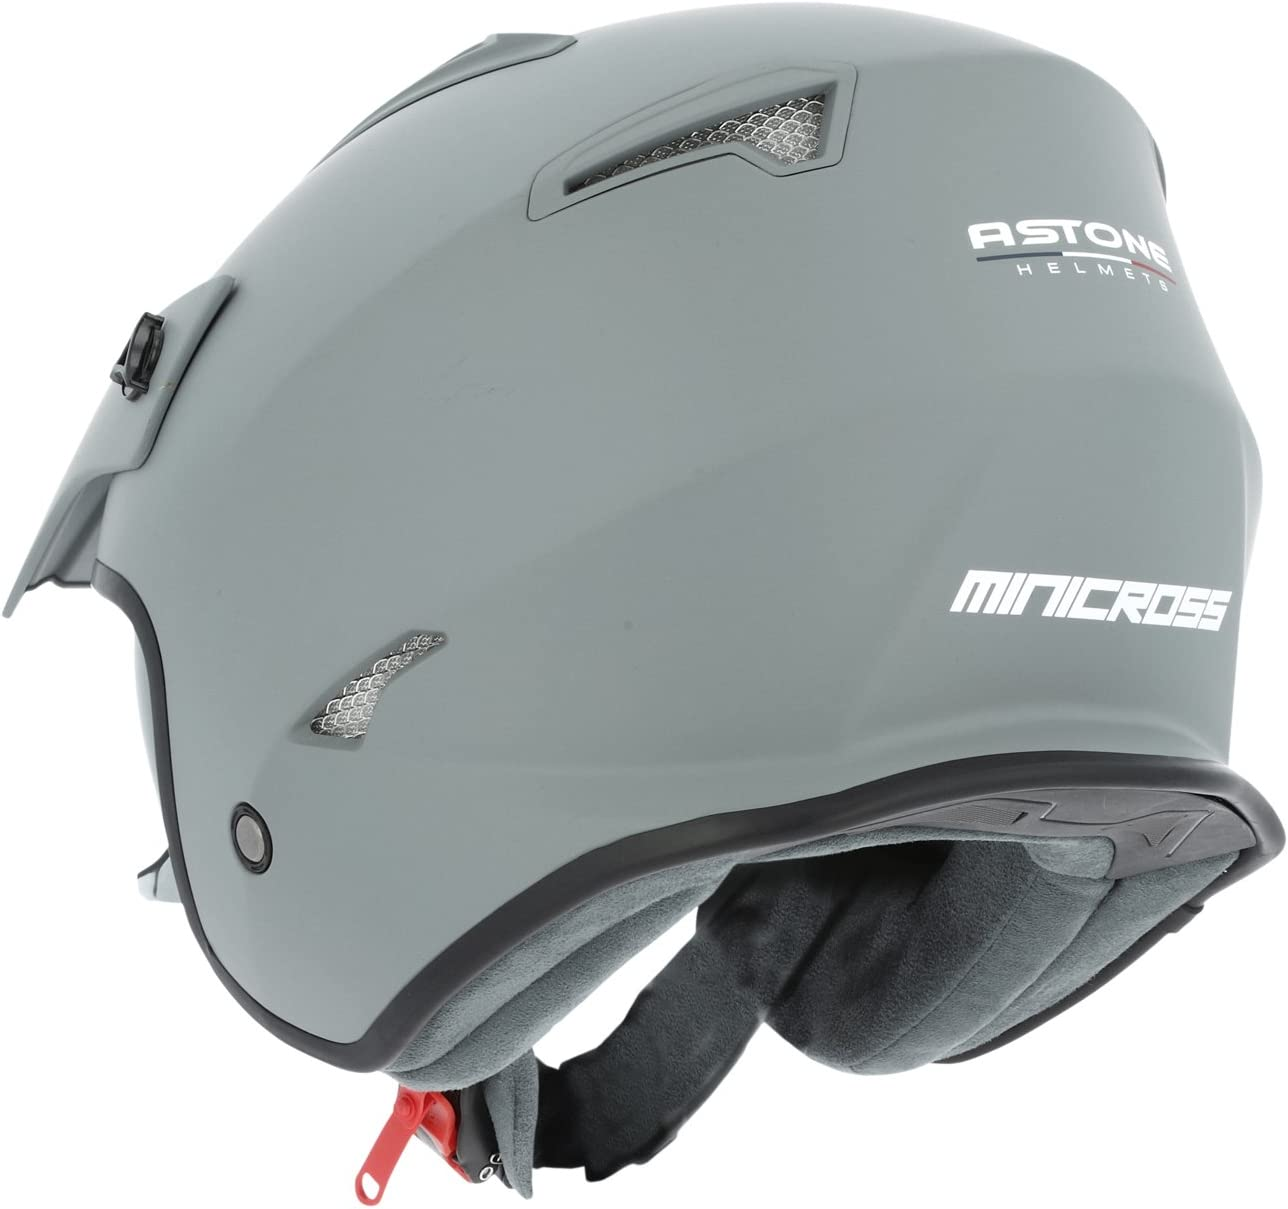 Casque de moto MINI CROSS monocolor gloss white XS casque de ville compact Casque jet au look enduro Casque de moto look cross Astone Helmets